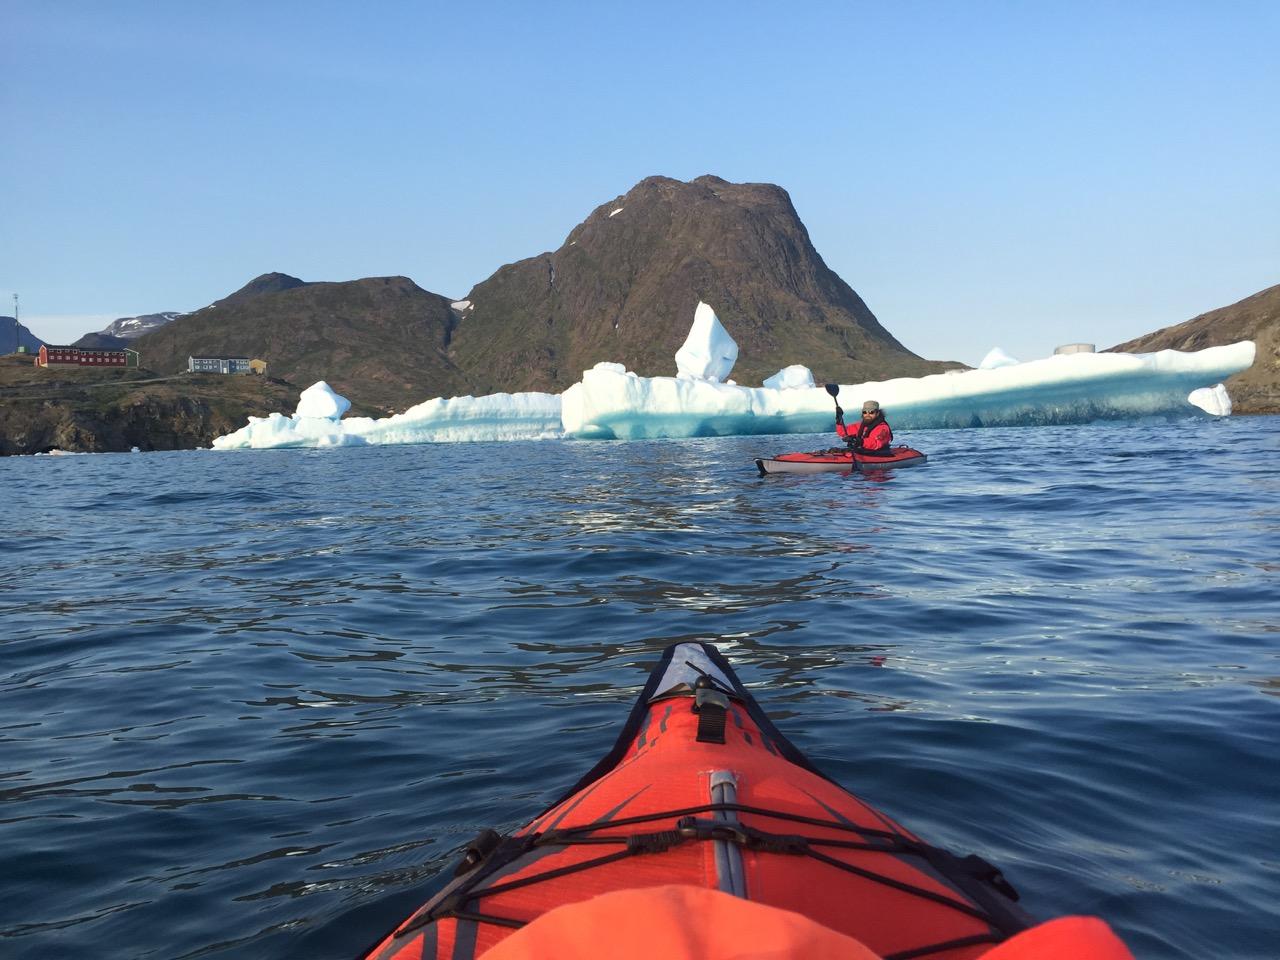 Kajakk tur i området nær et stort isfjell